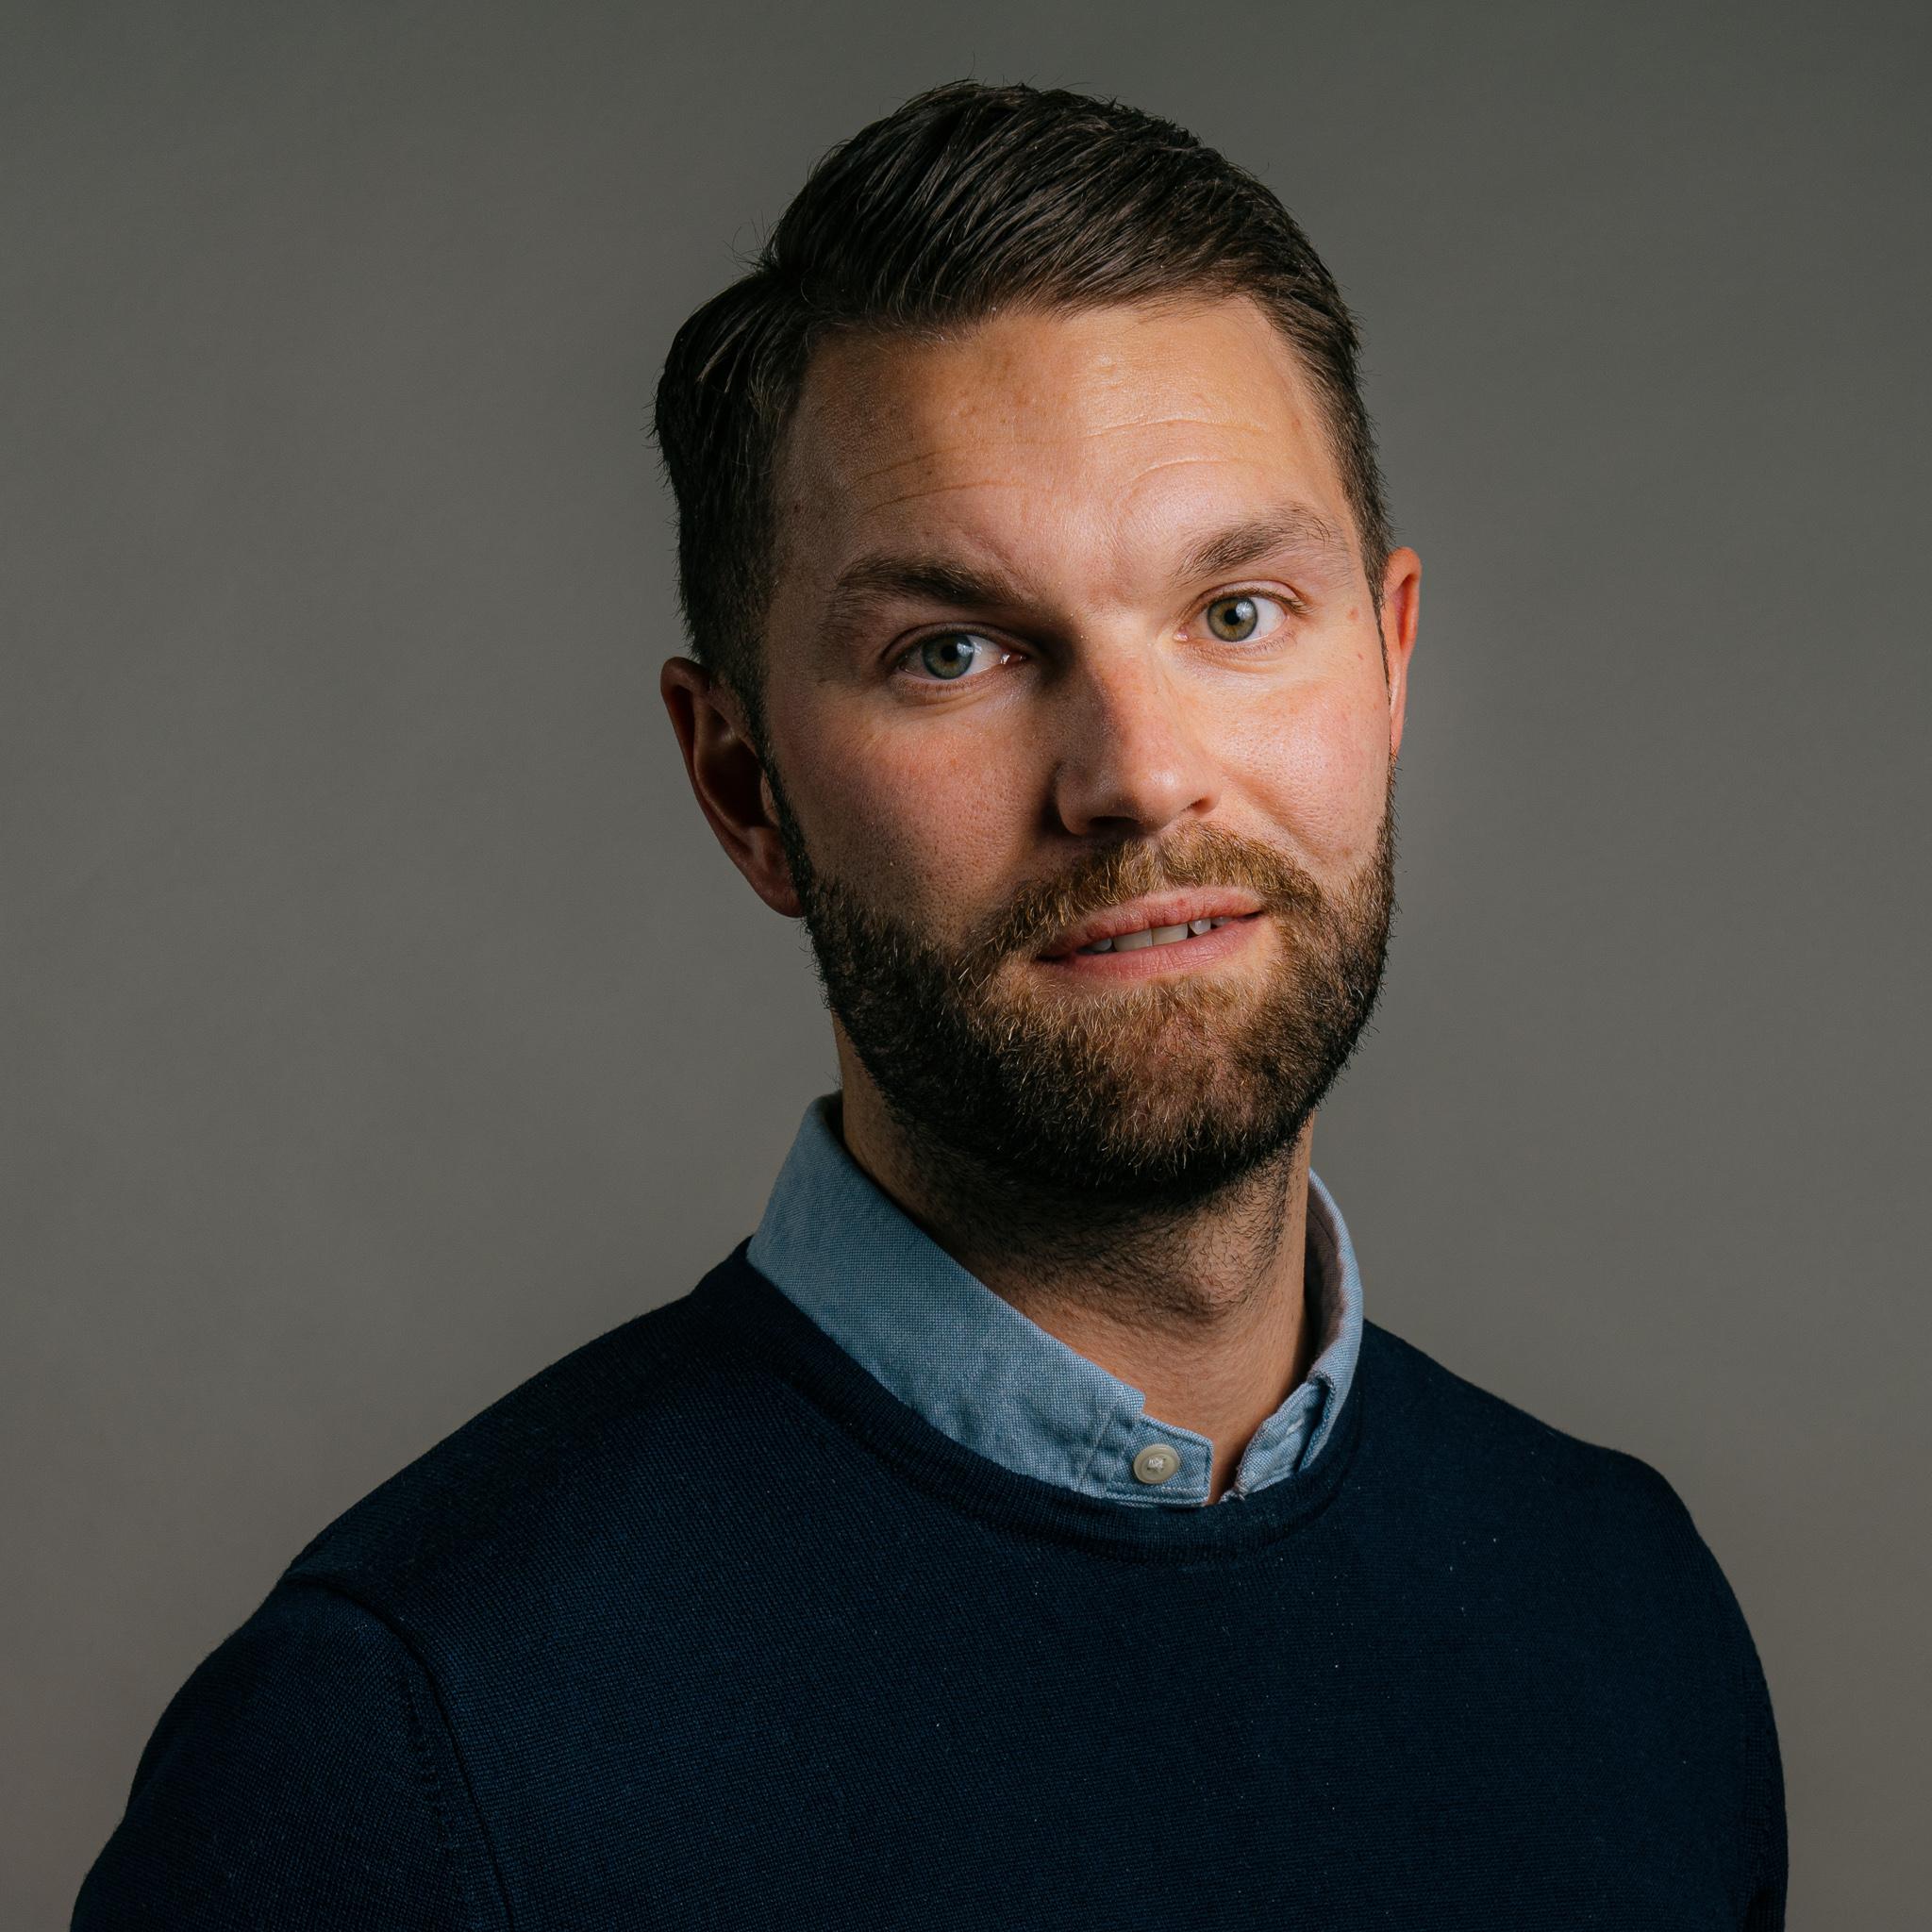 Viktor Dahlén – Föräldrarledig